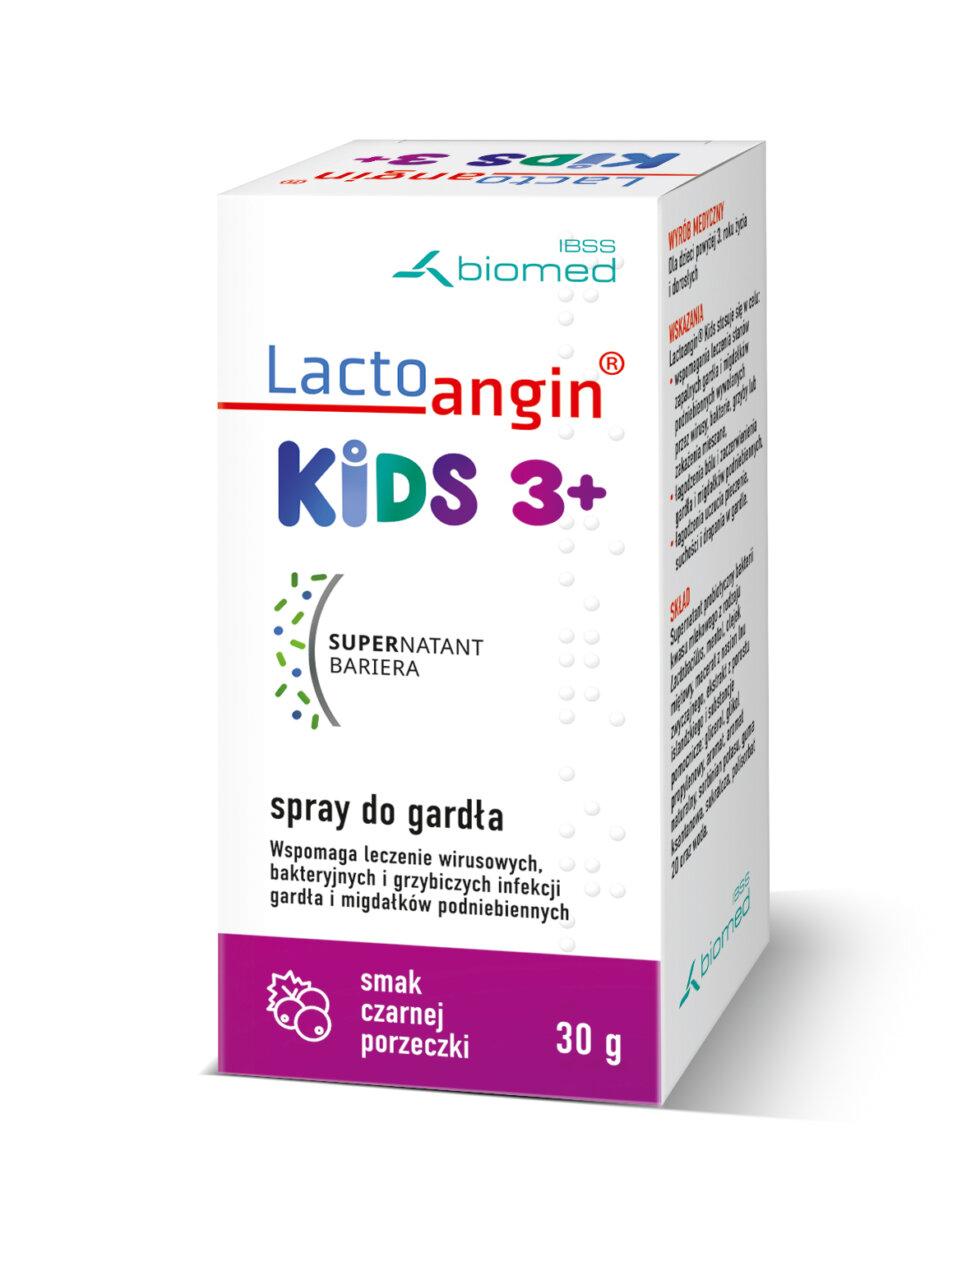 Lactoangin®KIDS spray do gardła smak porzeczkowy